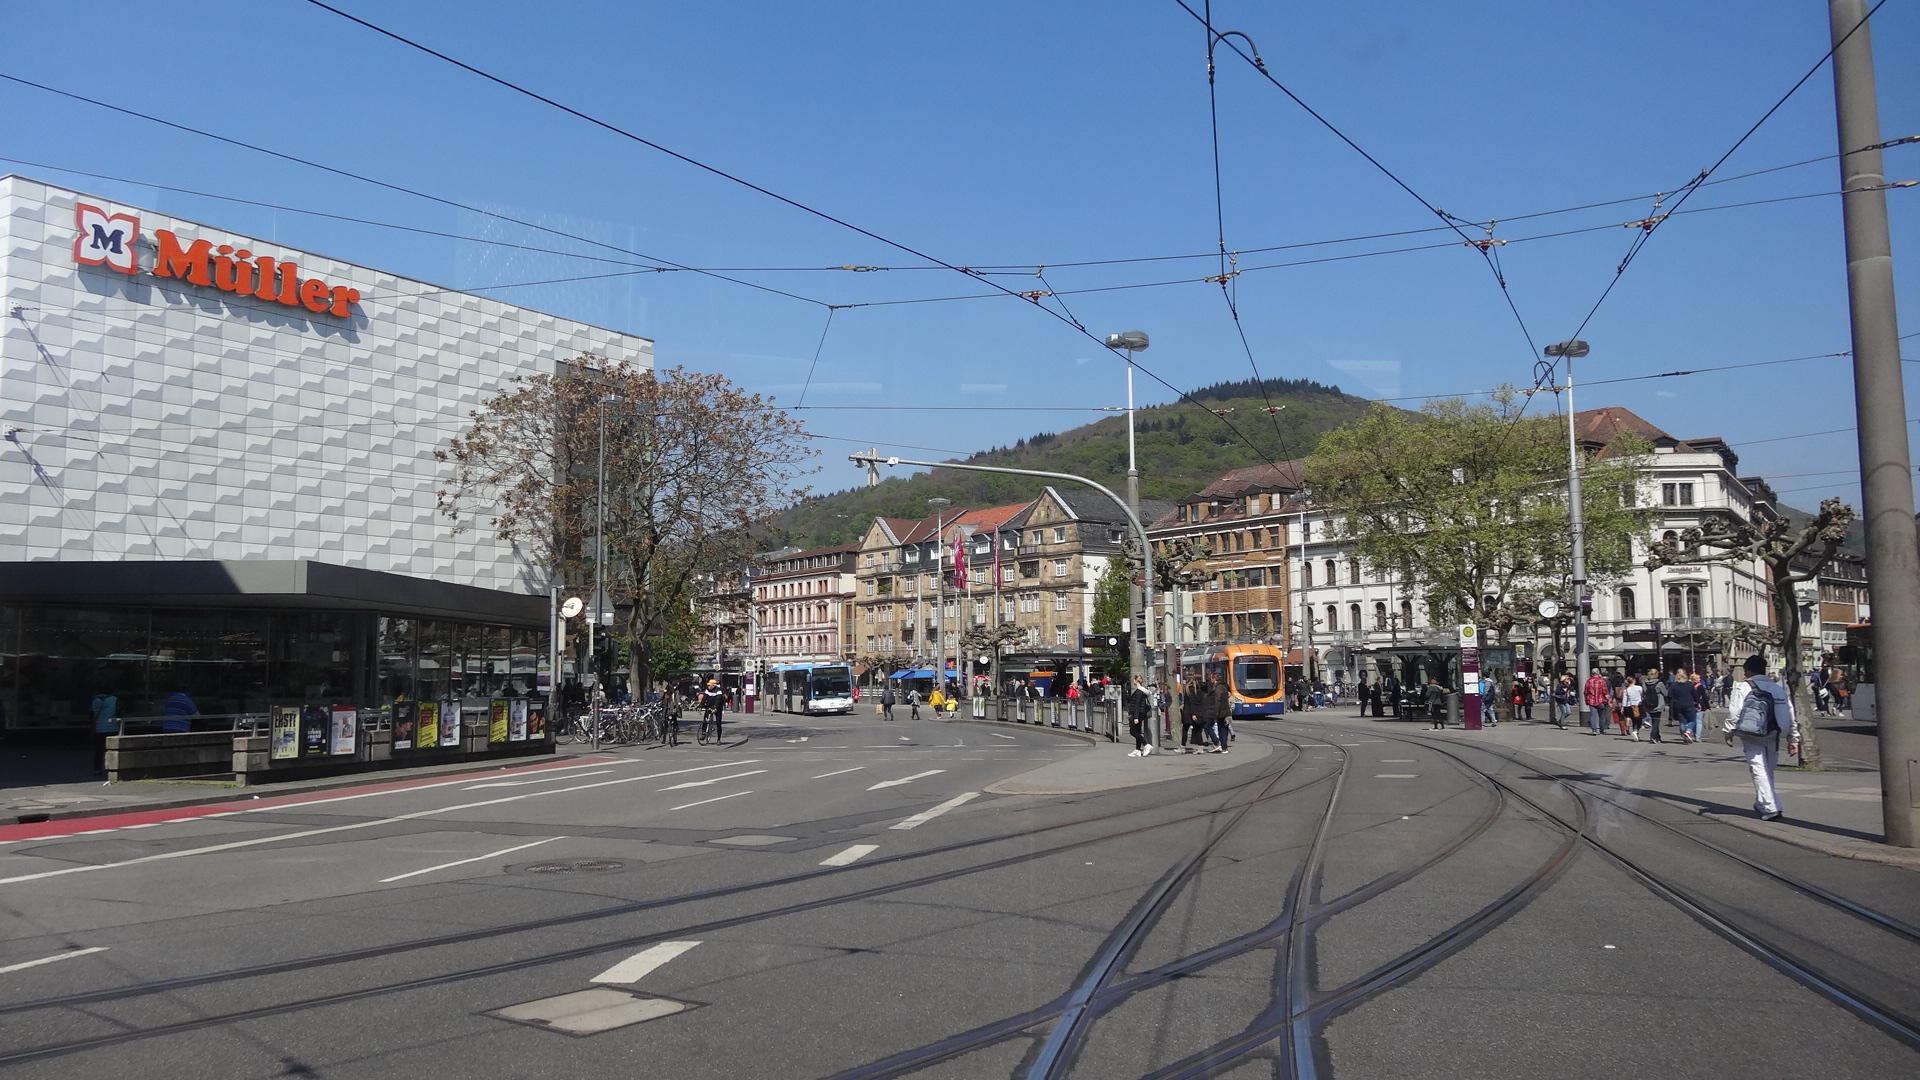 Bismarckplatz aus dem Bus